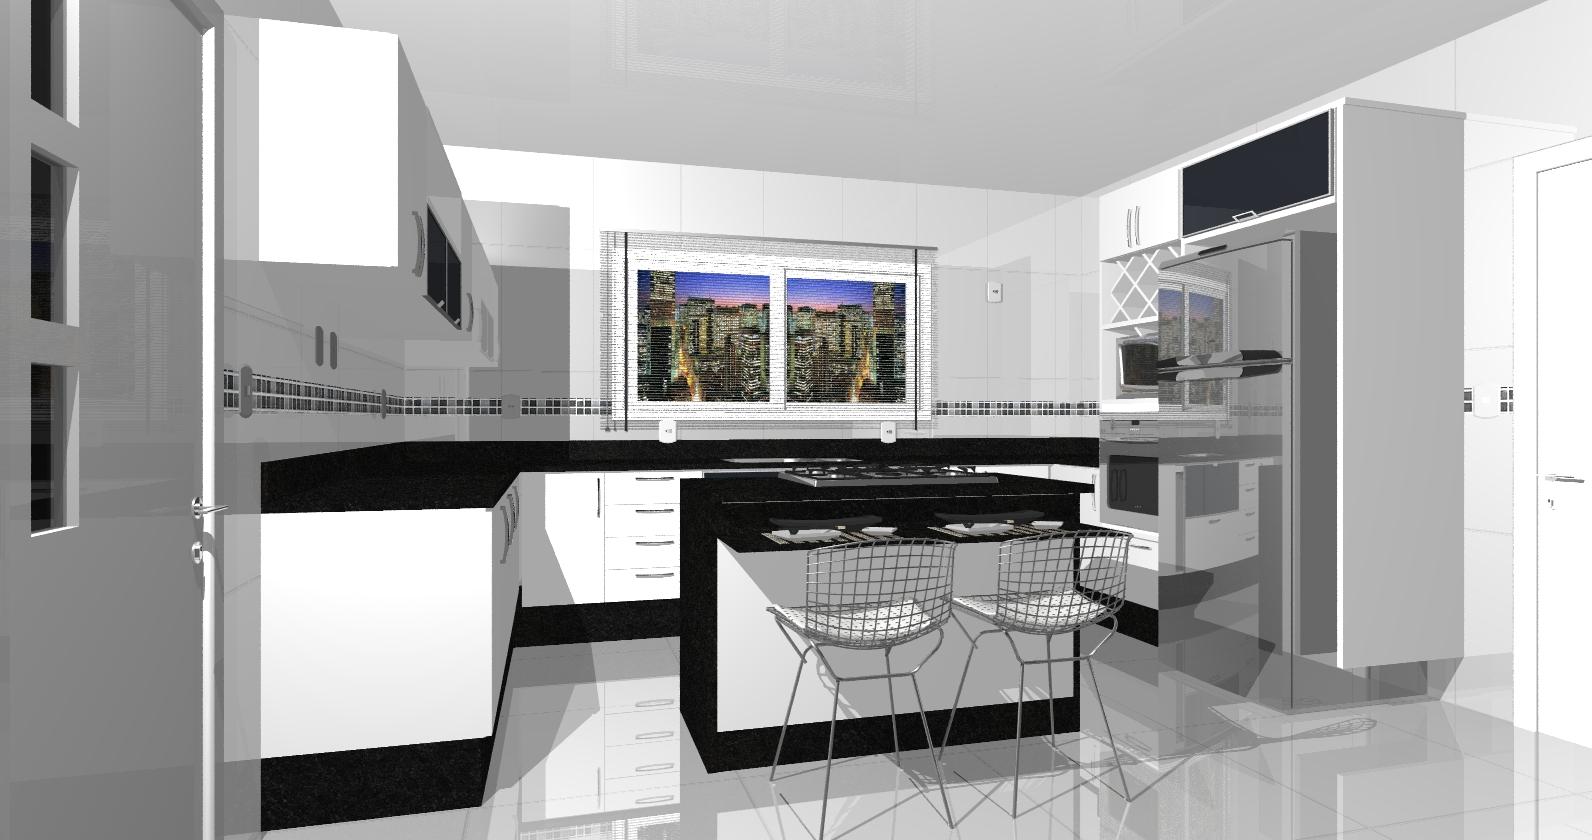 #334298 projetos de móveis: Projetos Home Cozinha Espaço Gourmet Área de  1592x840 px Projetos Cozinha Com Area De Serviço_5063 Imagens